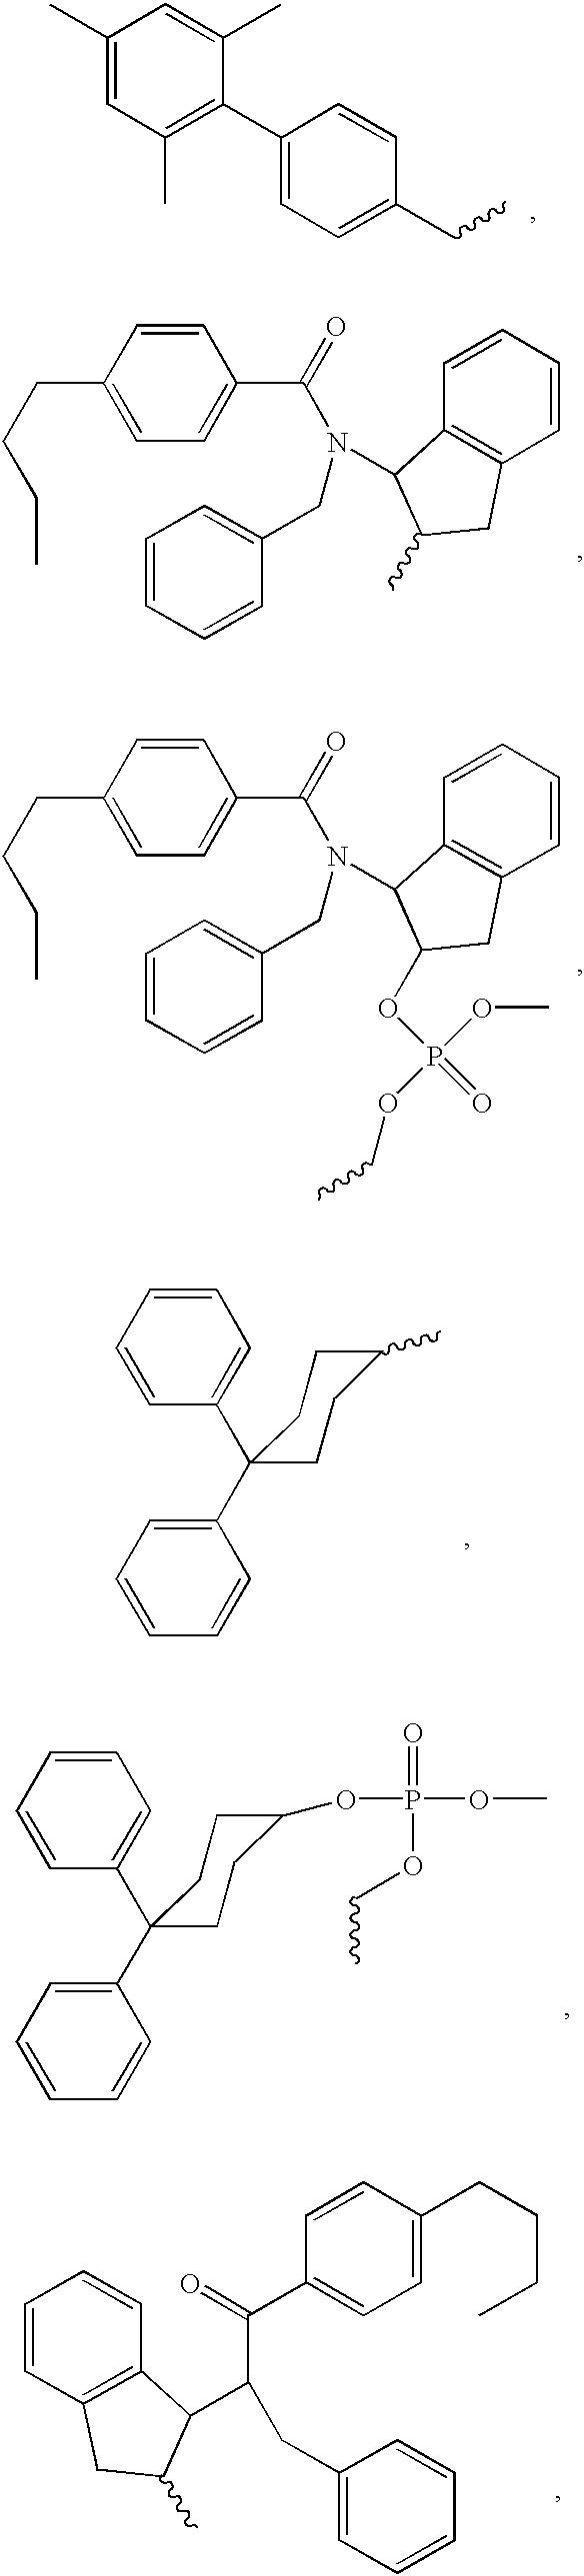 Figure US06652835-20031125-C00057